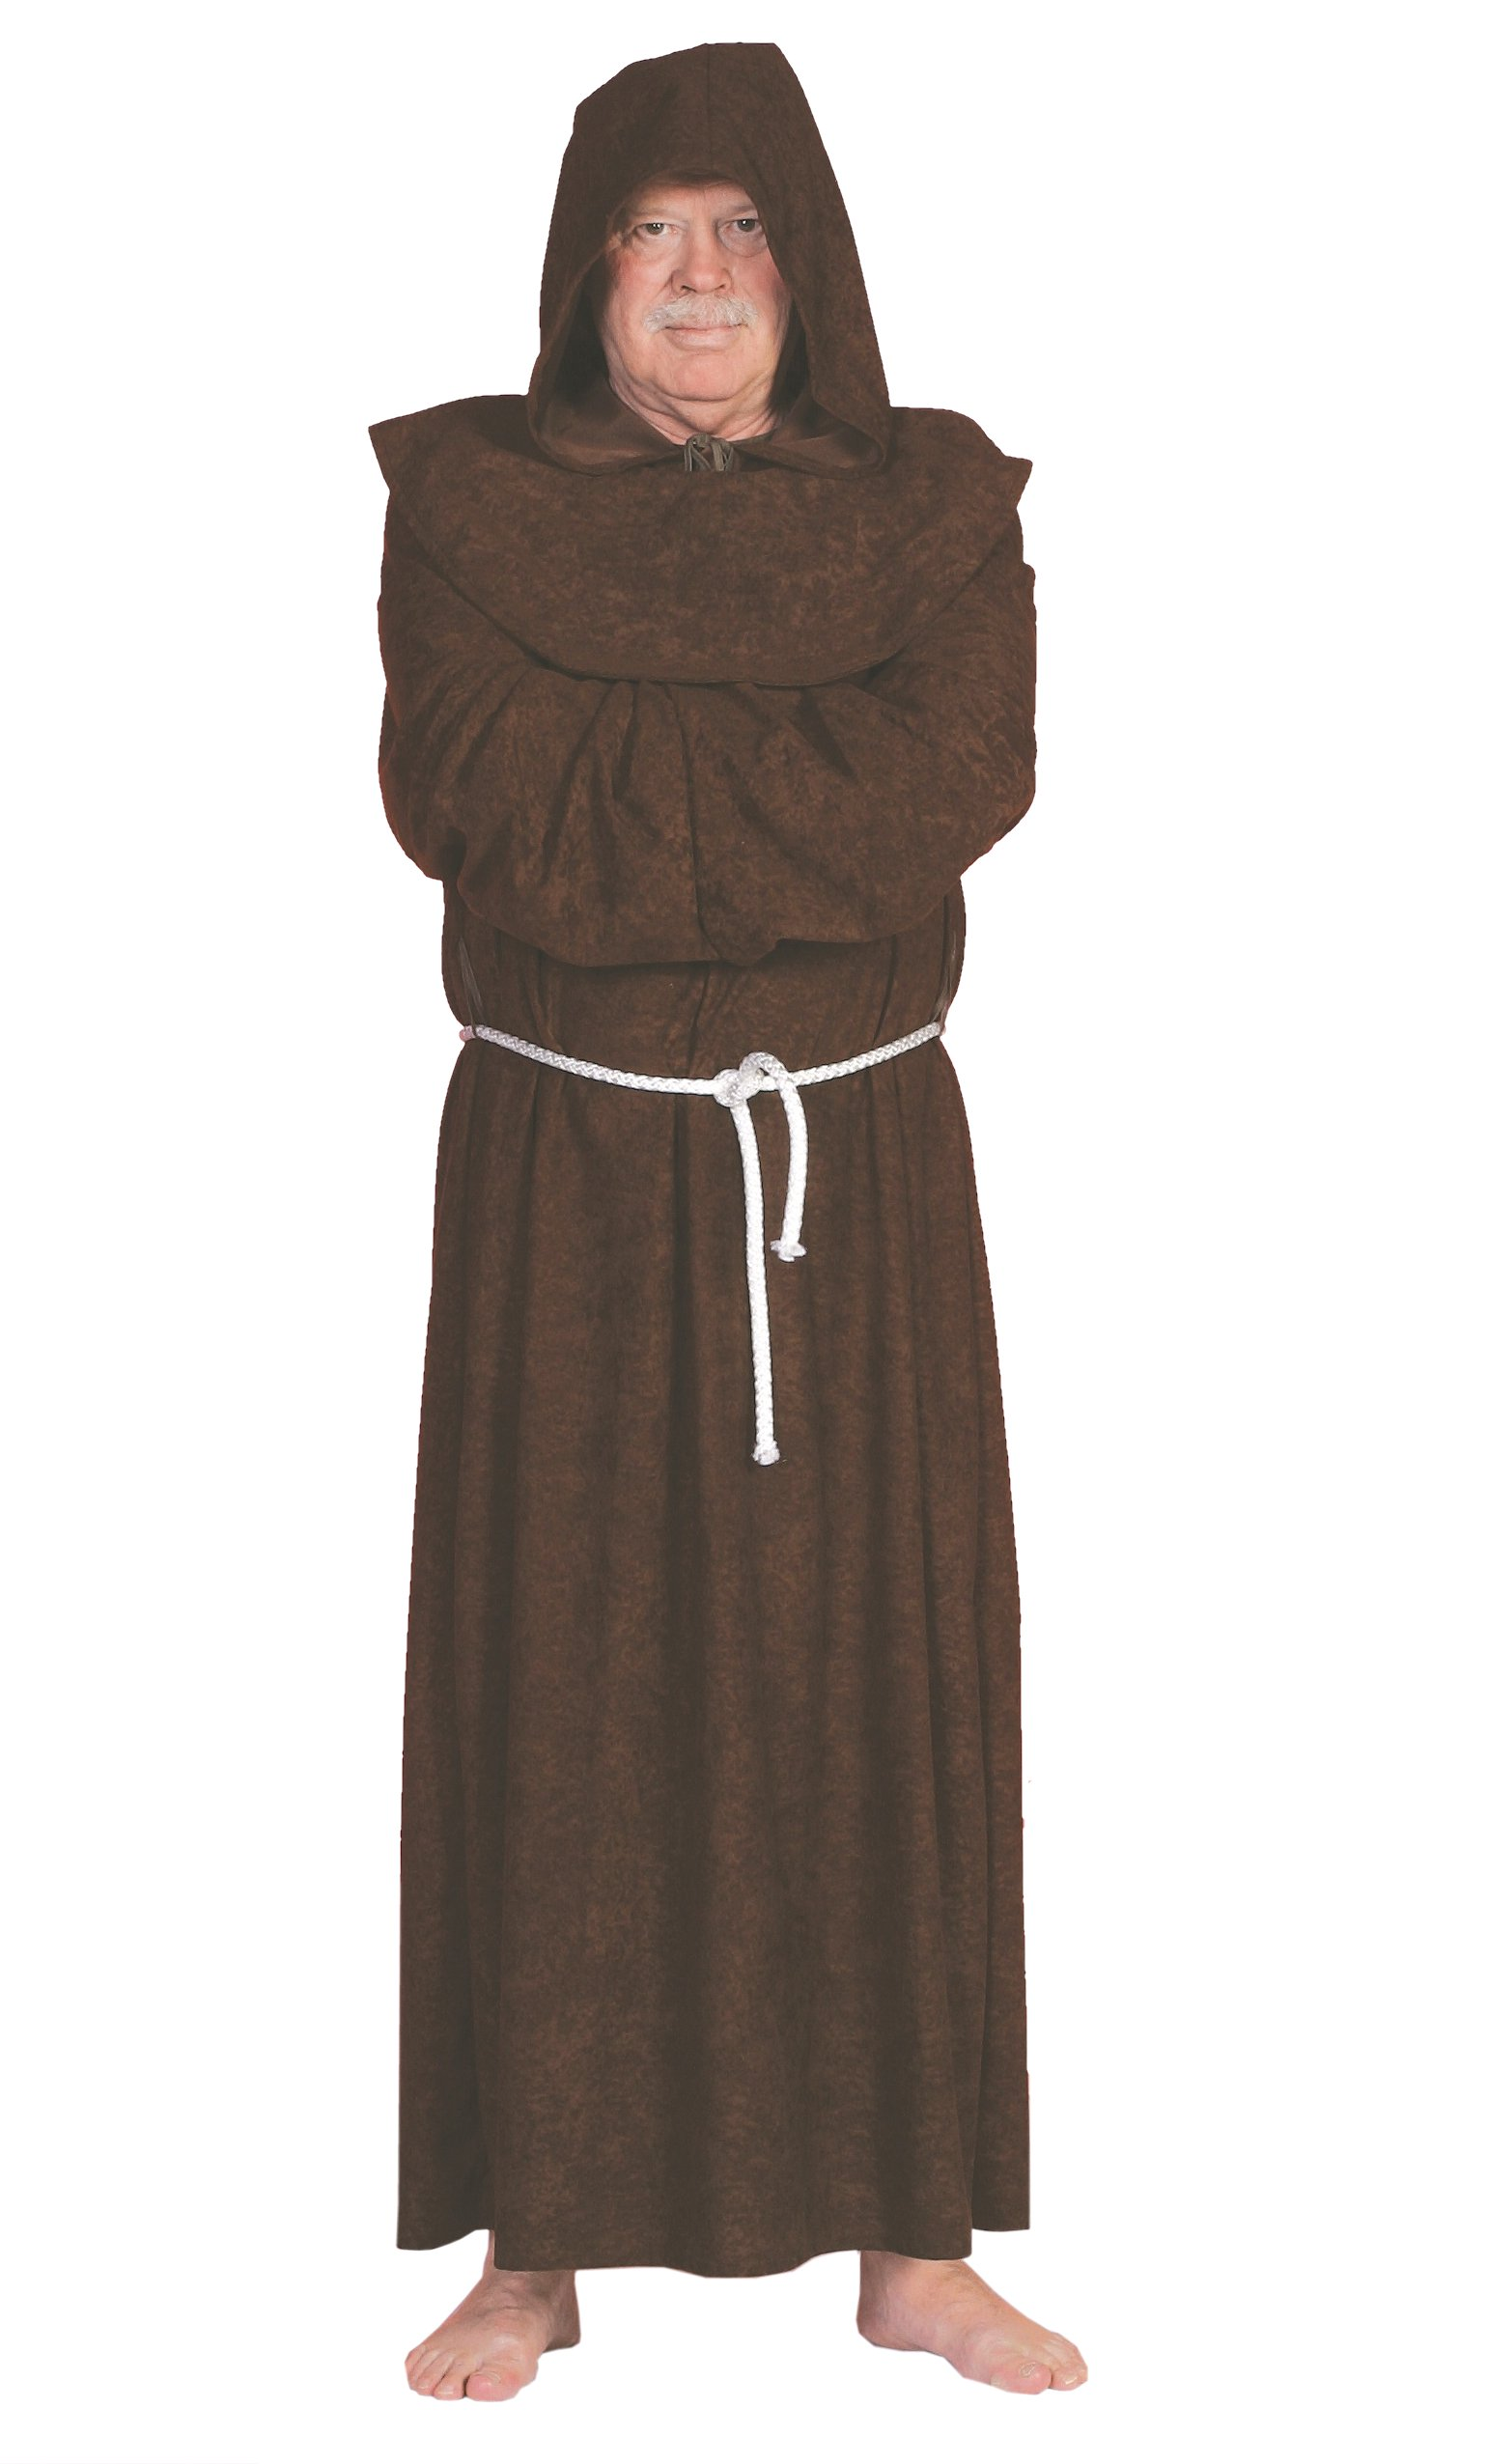 Costume-Moine-suédine